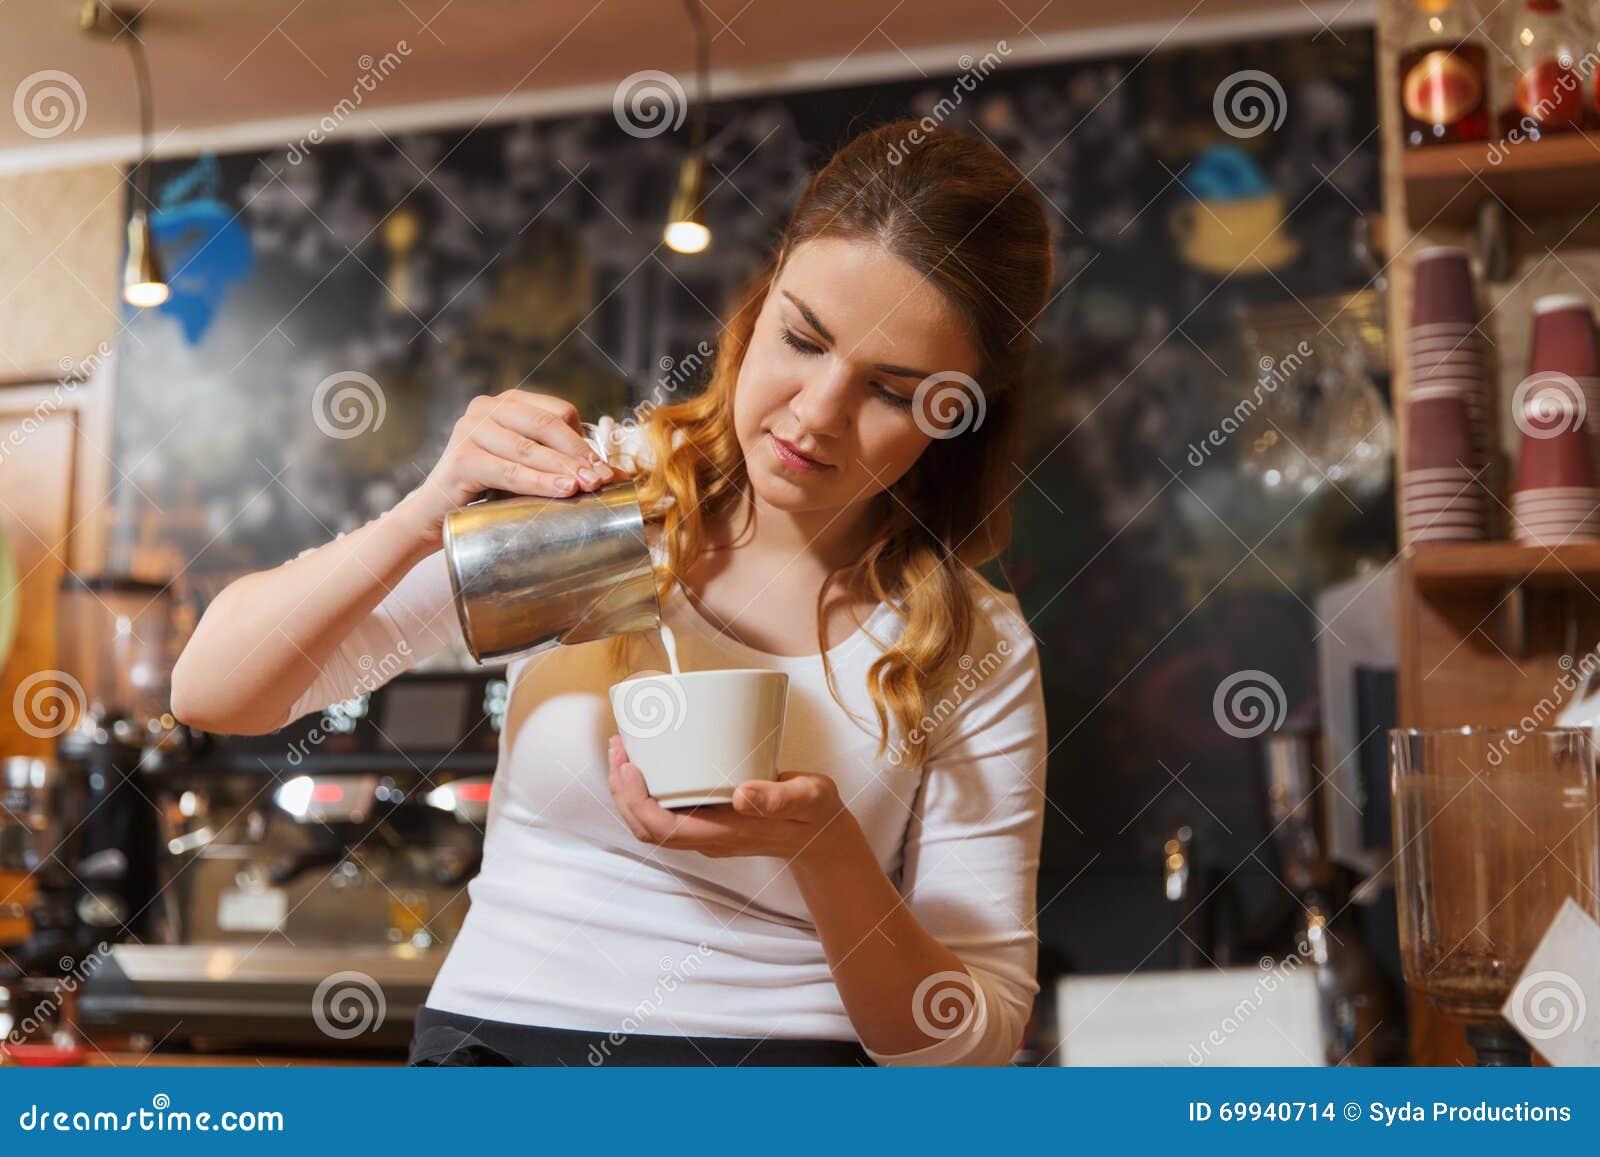 Сливк женщины Barista лить, который нужно придать форму чашки на кофейне